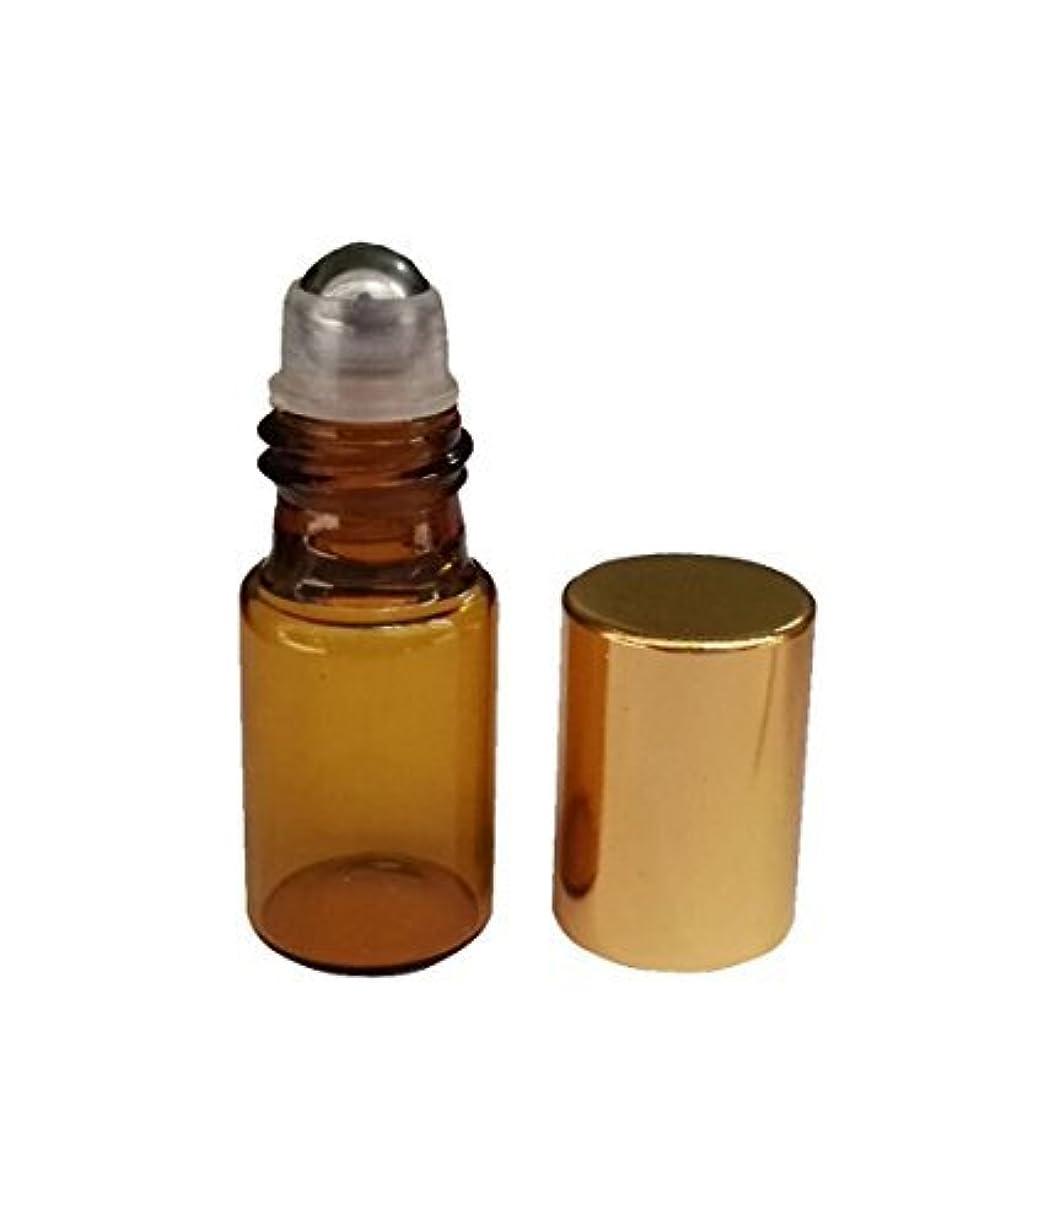 誠実さ雄弁家不快HugeStore 15 Pcs 5ml Refillable Amber Glass Rollerball Bottles Empty Essential Oil Glass Roller Bottles for Aromatherapy...